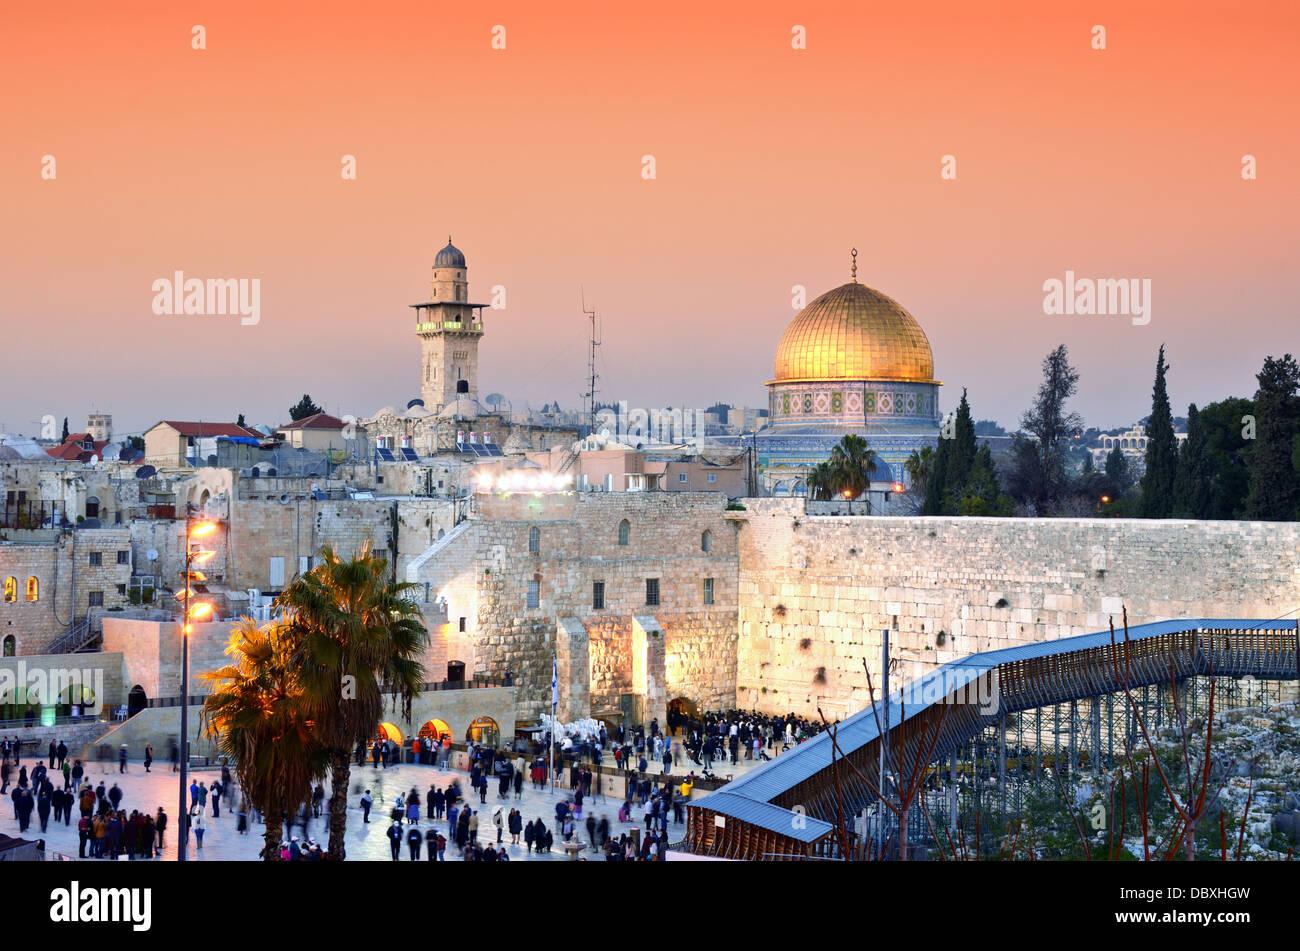 Skyline della Città Vecchia al Muro Occidentale e il Monte del Tempio a Gerusalemme, Israele. Immagini Stock